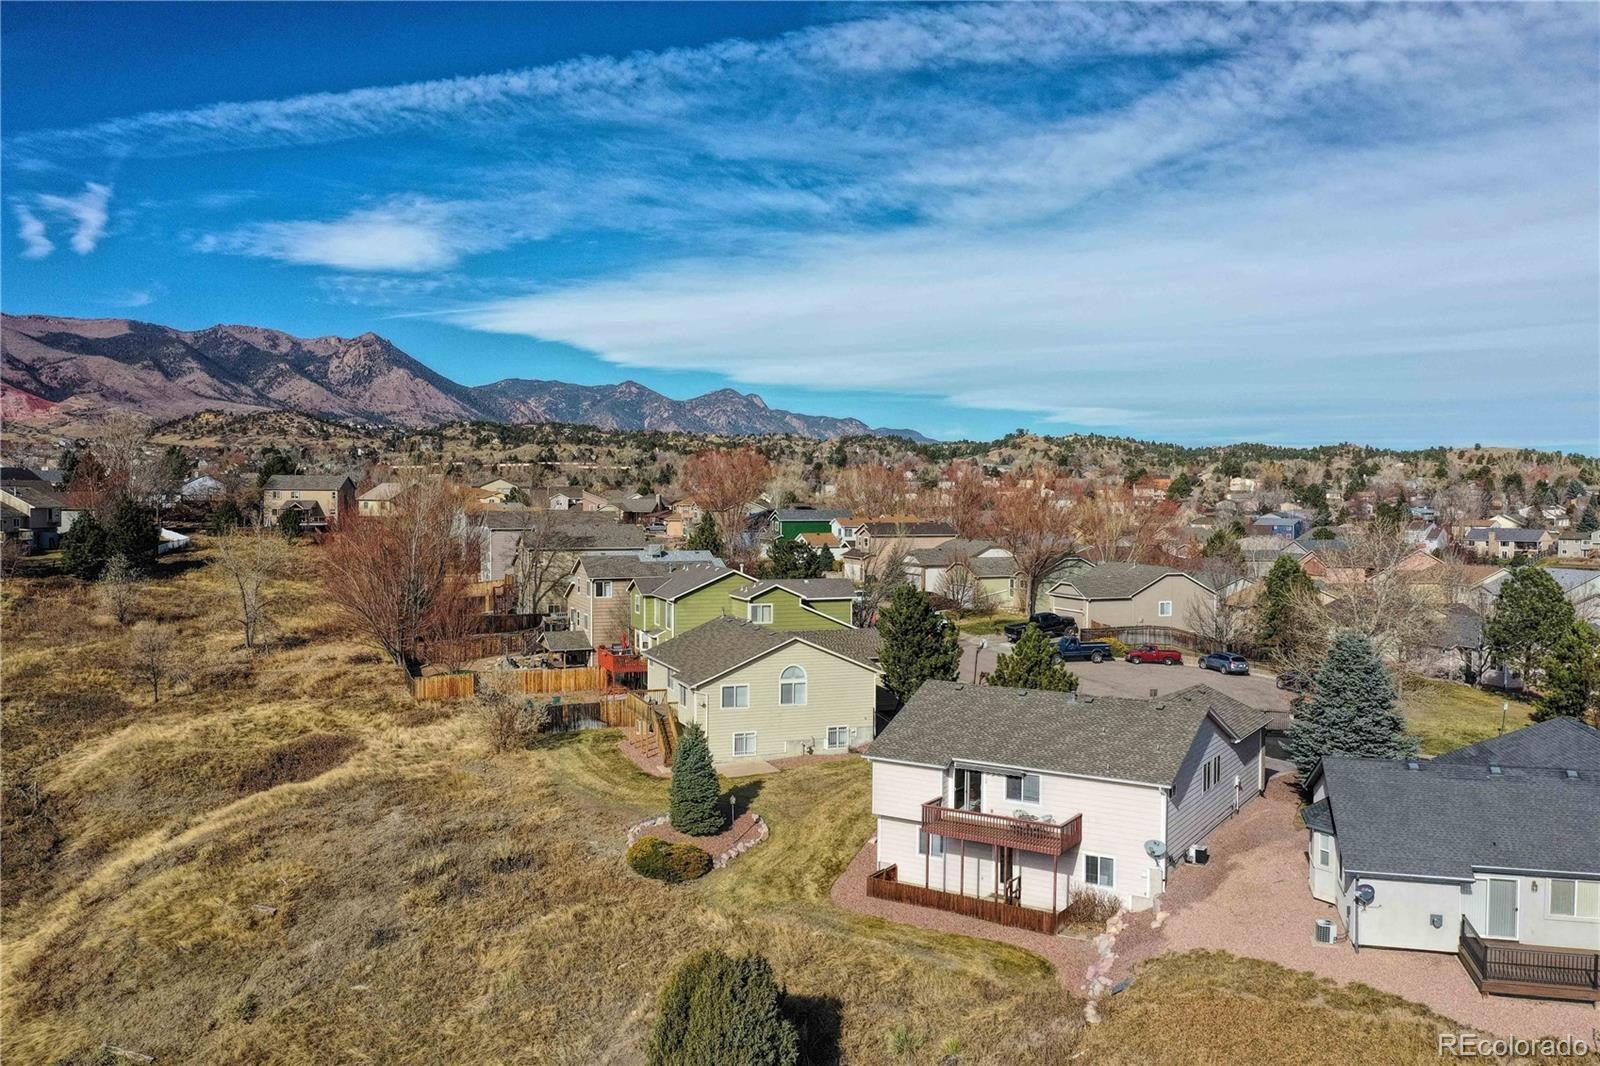 MLS# 5664422 - 38 - 6265 Retreat Point, Colorado Springs, CO 80919